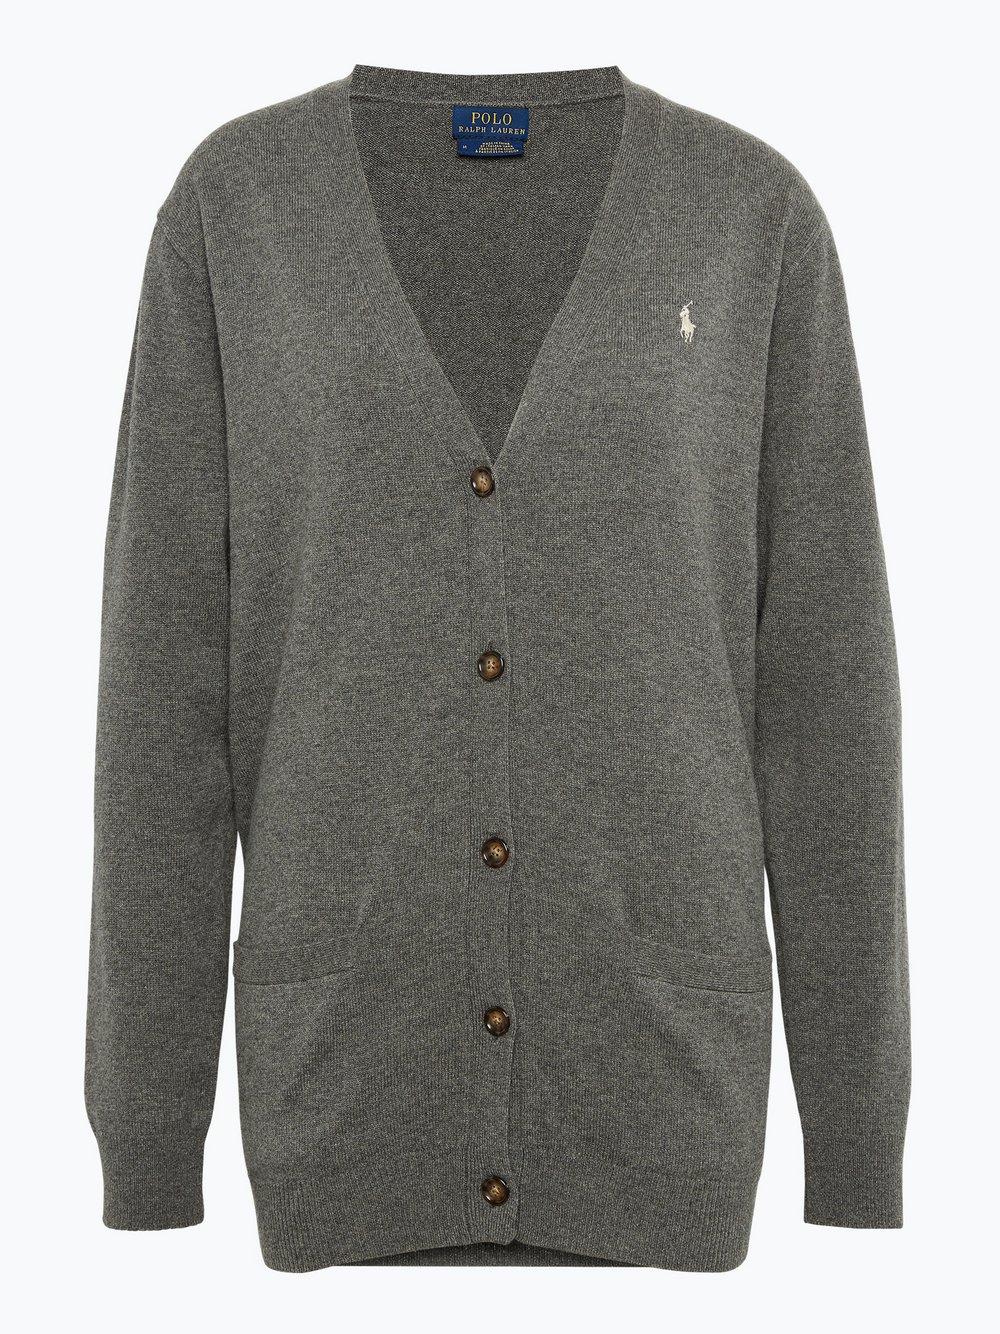 finest selection 5d1a7 9da5f Polo Ralph Lauren Damen Strickjacke aus Merinowolle online ...